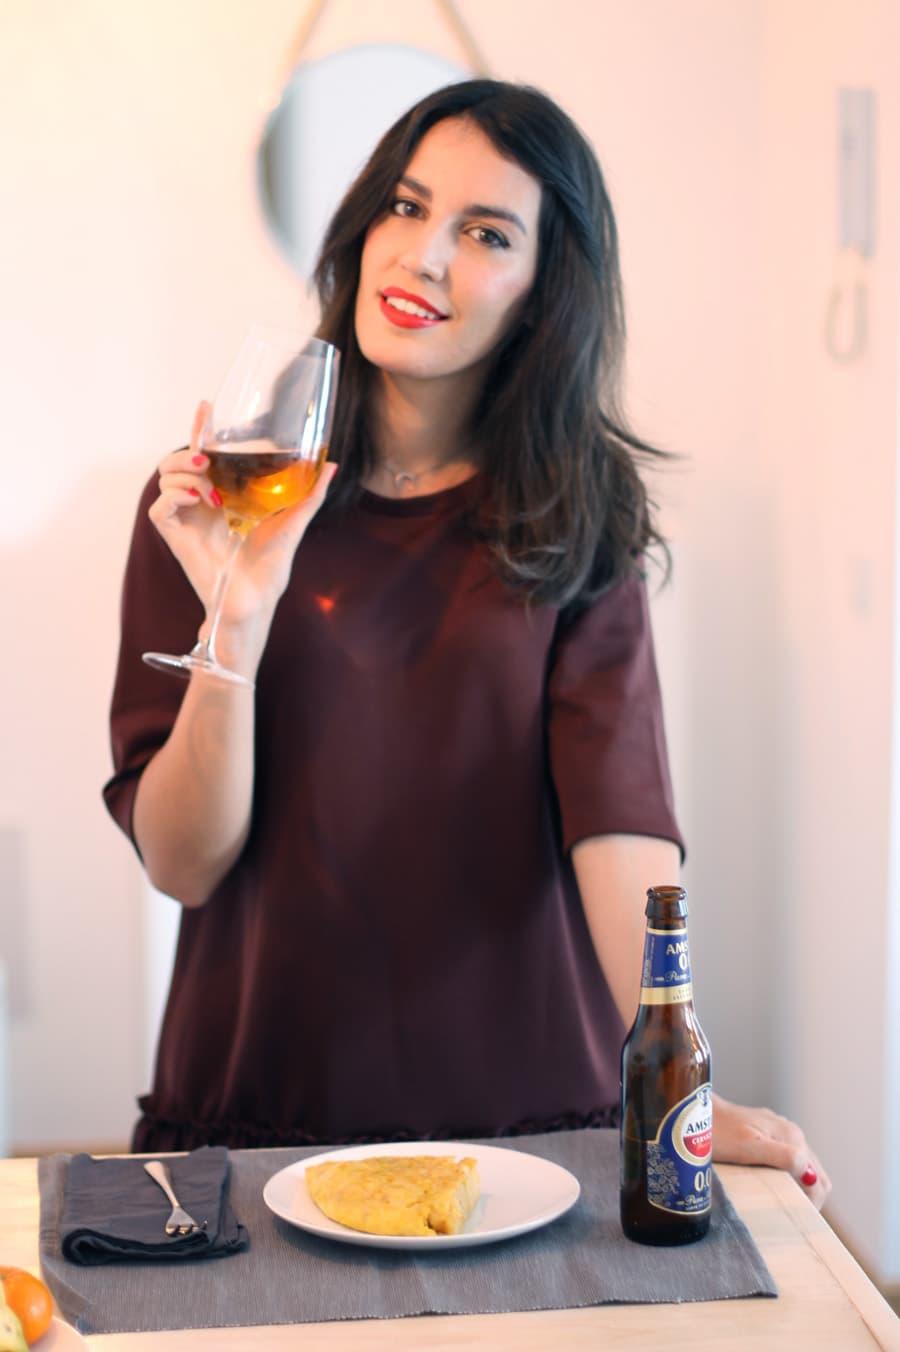 gastro-blog-cerveza-amstel